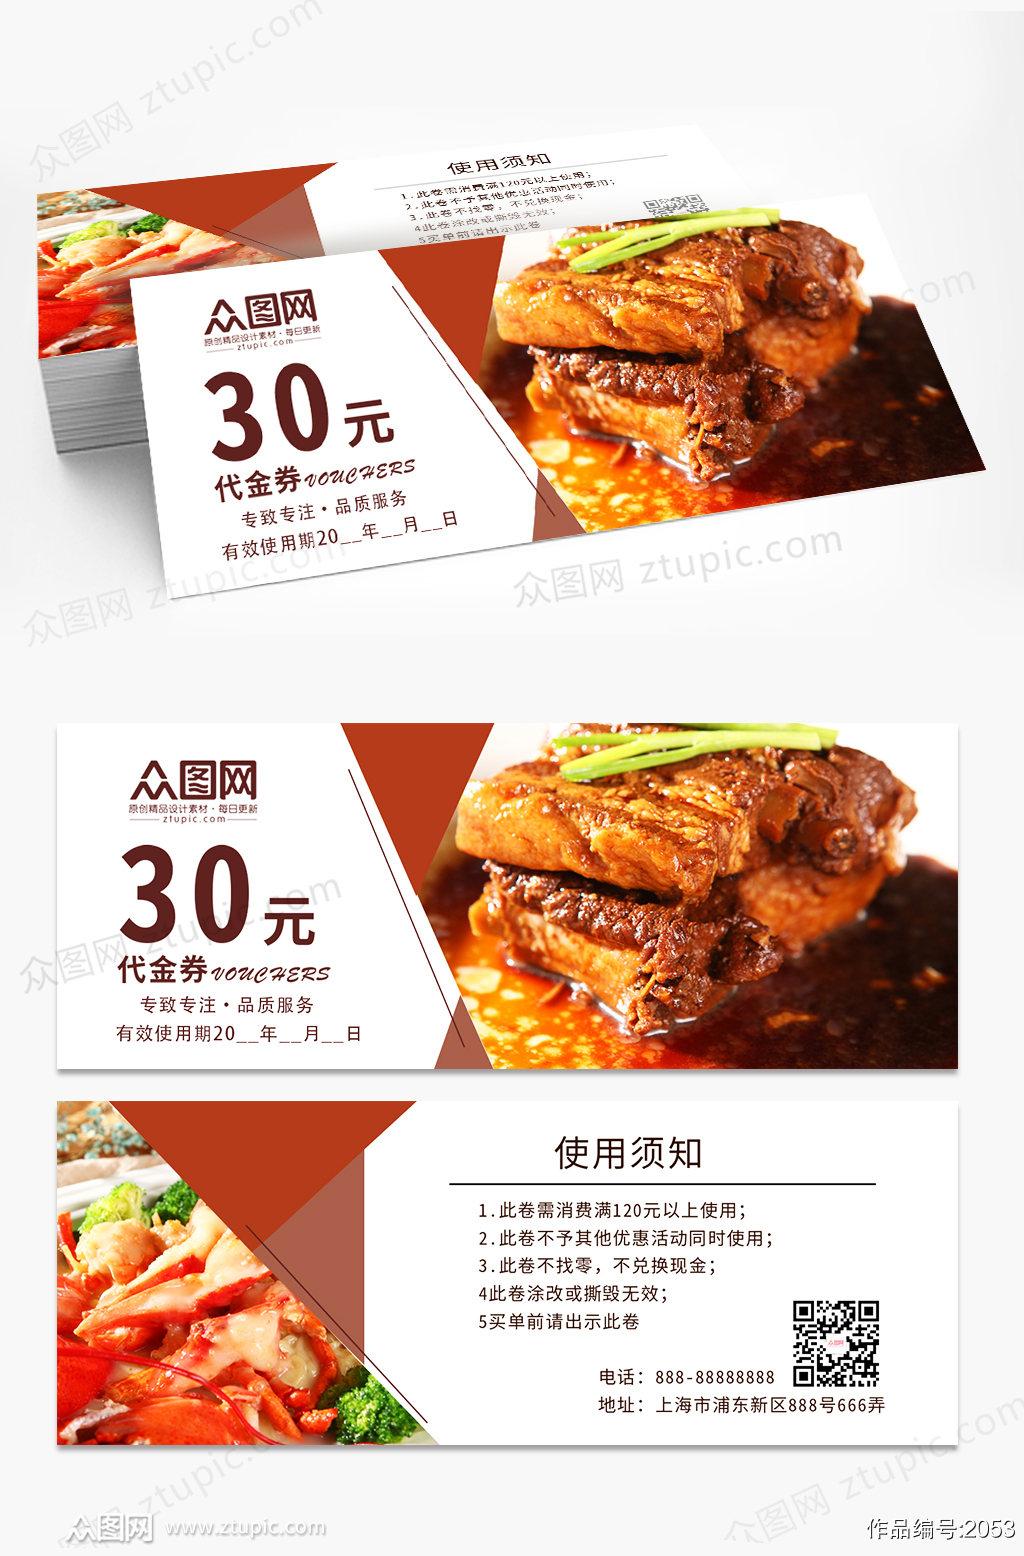 餐厅美食自助餐代金券素材